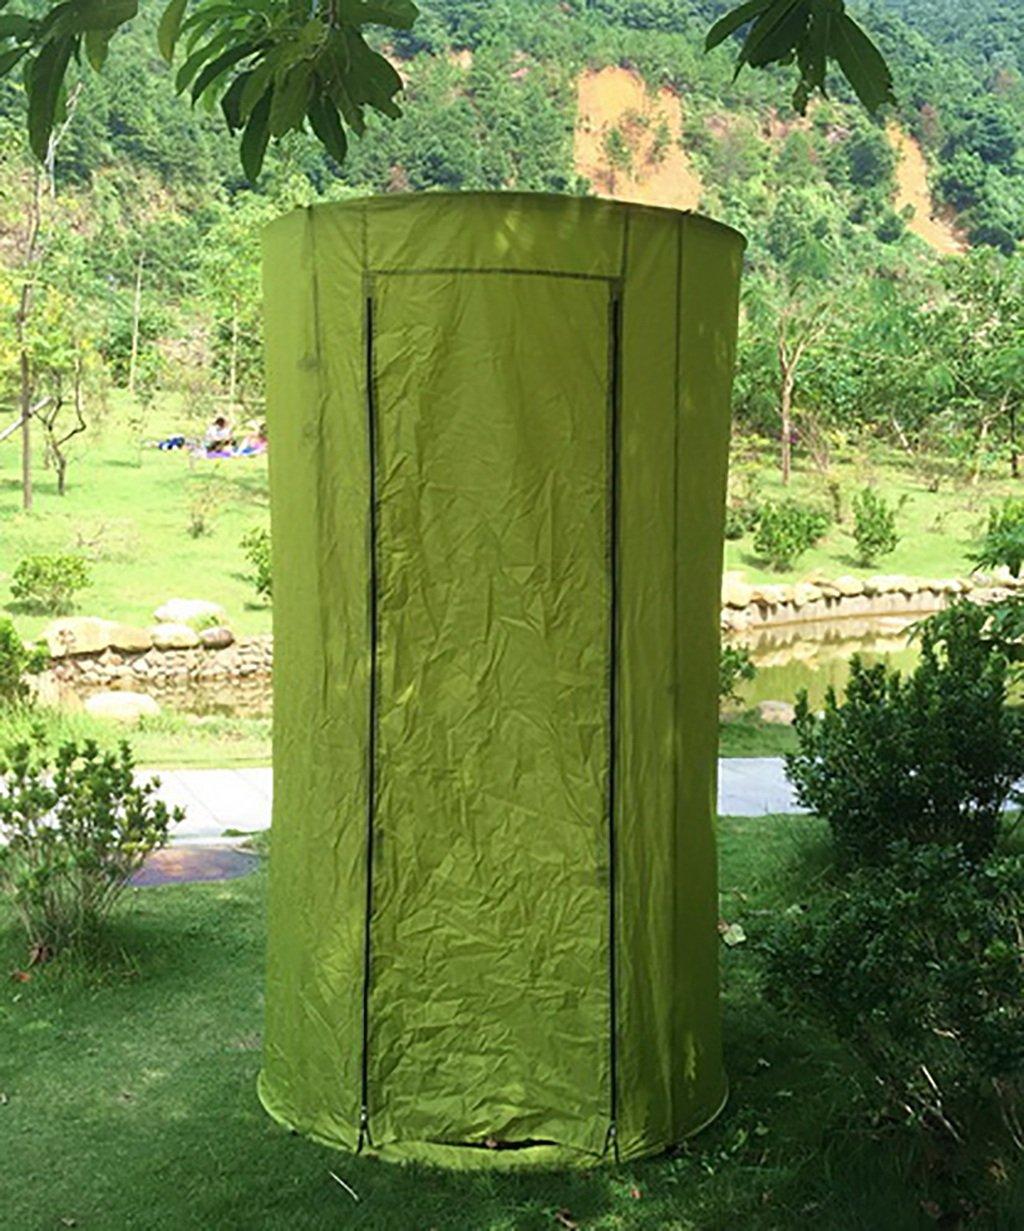 HAIPENG Außendusche Wechsel Kleidung Zelt Warm Und Warm Halten Toilettenzelte Angeln Fotografie Zelte Blau Und Grün (Farbe : Grün, größe : 110  190cm)